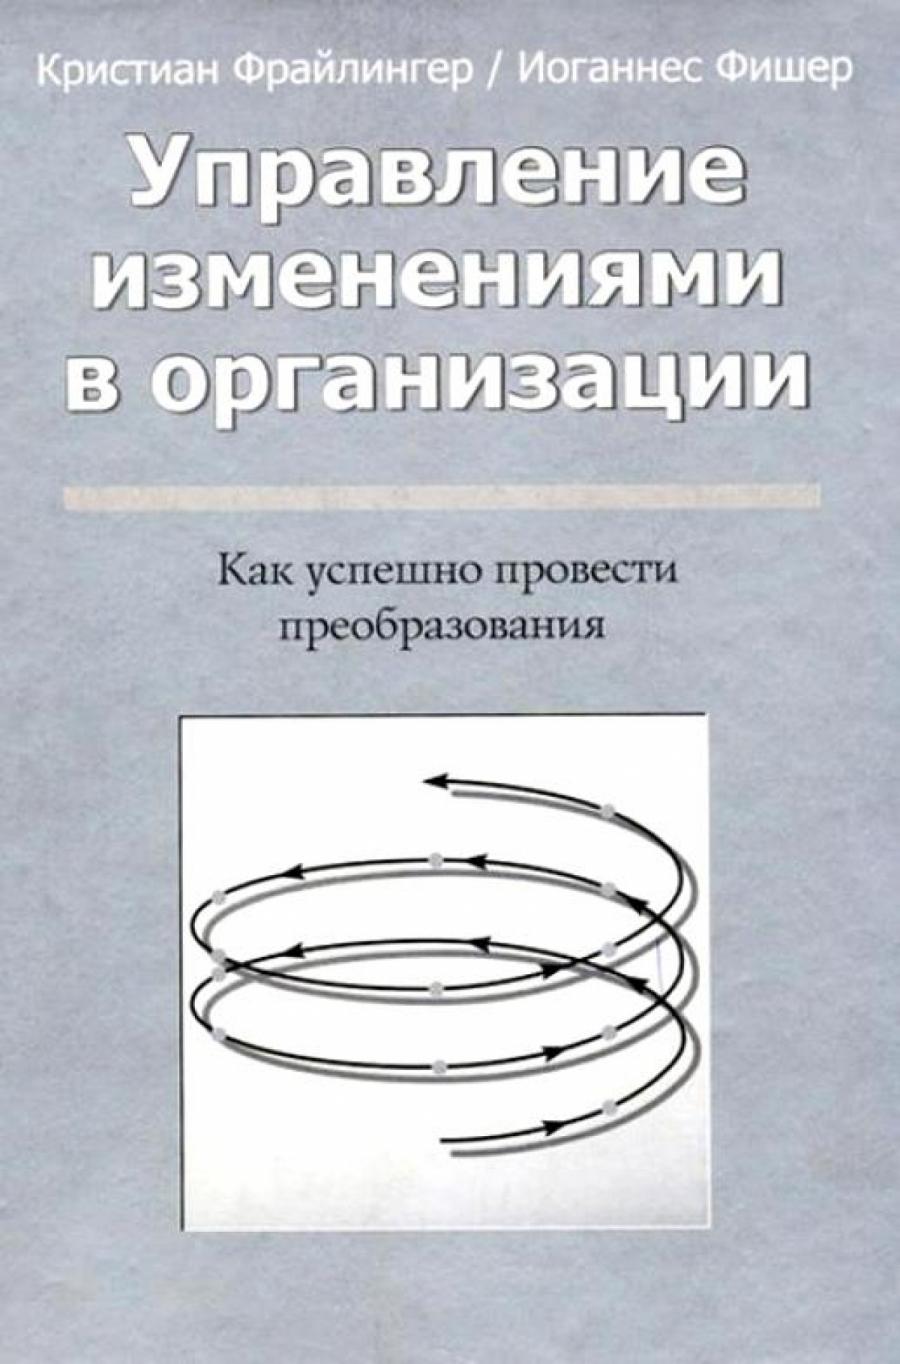 Обложка книги:  фрайлингер к., фишер и. - управление изменениями в организации